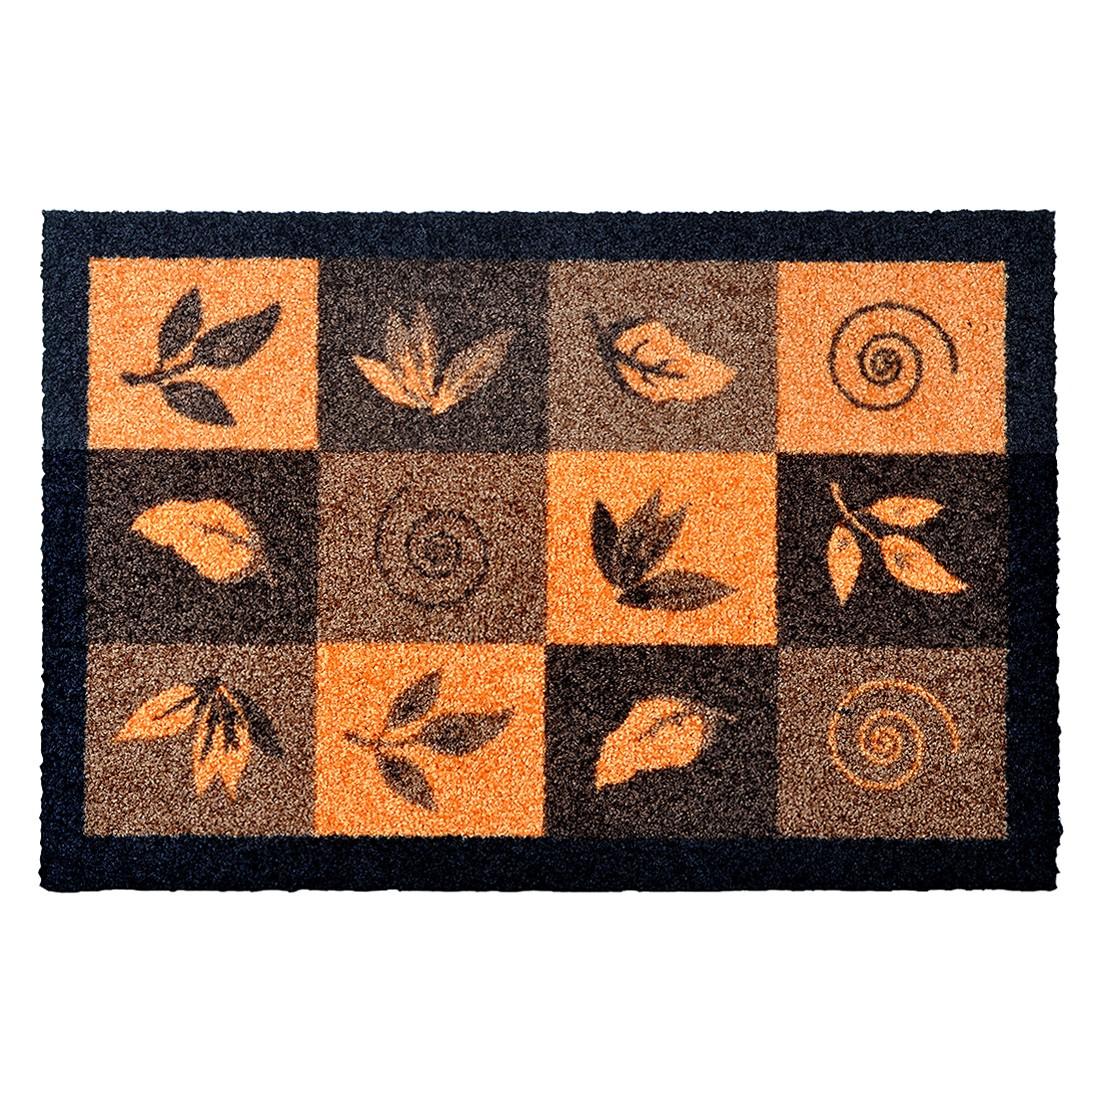 Fußmatte Twisty Flower III – Mehrfarbig – 40 x 60 cm, Hanse Home Collection online bestellen